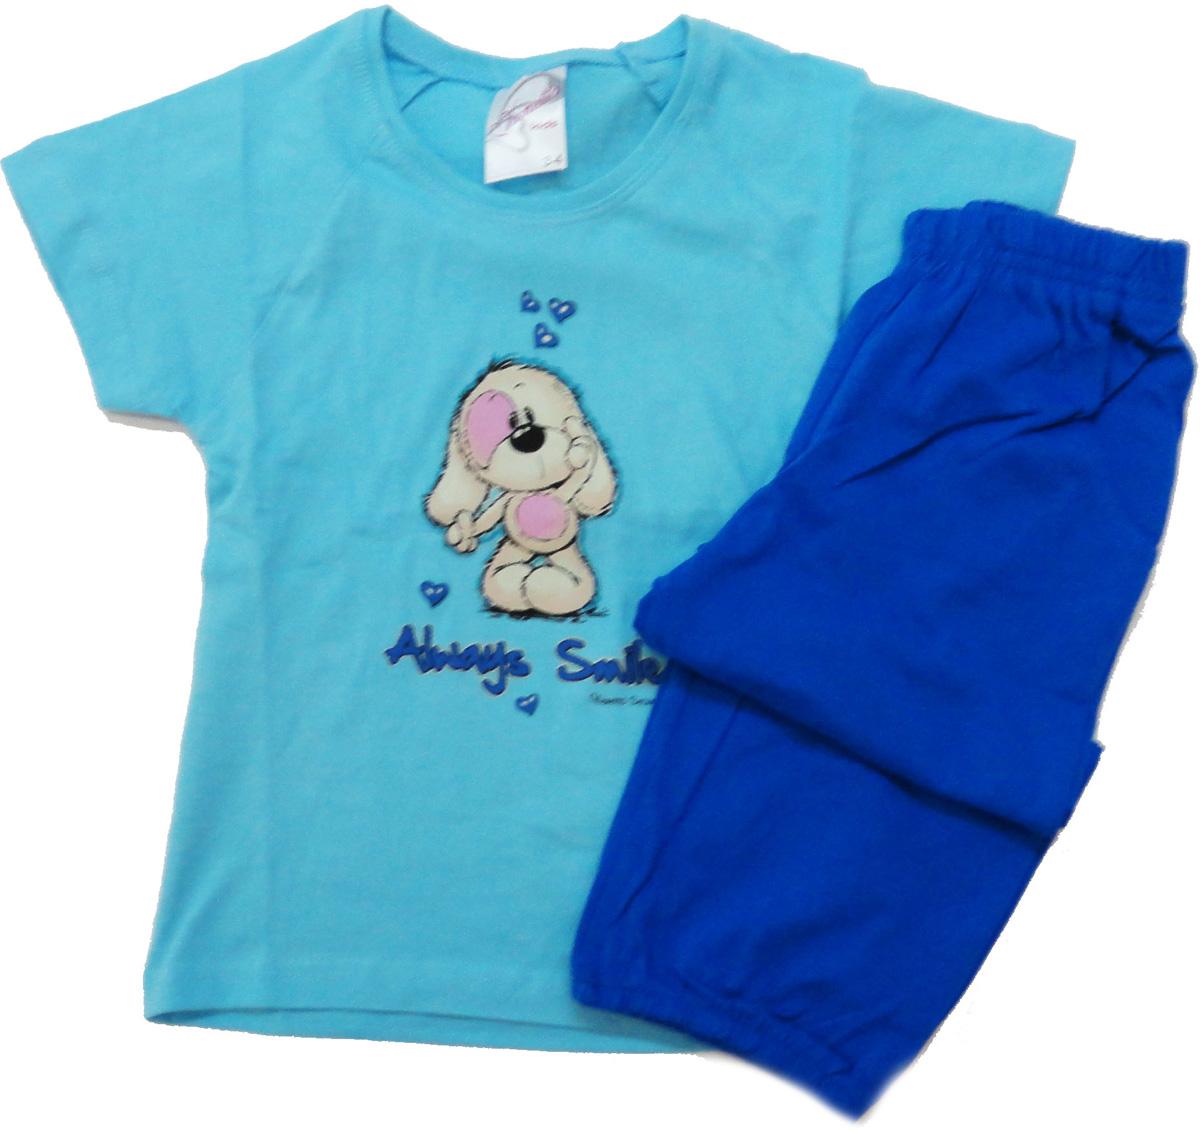 Комплект домашний для девочки Vienettas Secret Собачка Always Smile: капри, футболка, цвет: бирюзовый, голубой. 9050057. Размер 98/110, 4 года9050057Комплект домашний для девочки Vienettas Secret изготовлен из натурального хлопка с ярким принтом, состоящий из капри и футболки, идеально подойдет вашей маленькой принцессе. Предметы комплекта очень мягкие на ощупь, не раздражают даже самую нежную и чувствительную кожу ребенка и хорошо вентилируются.